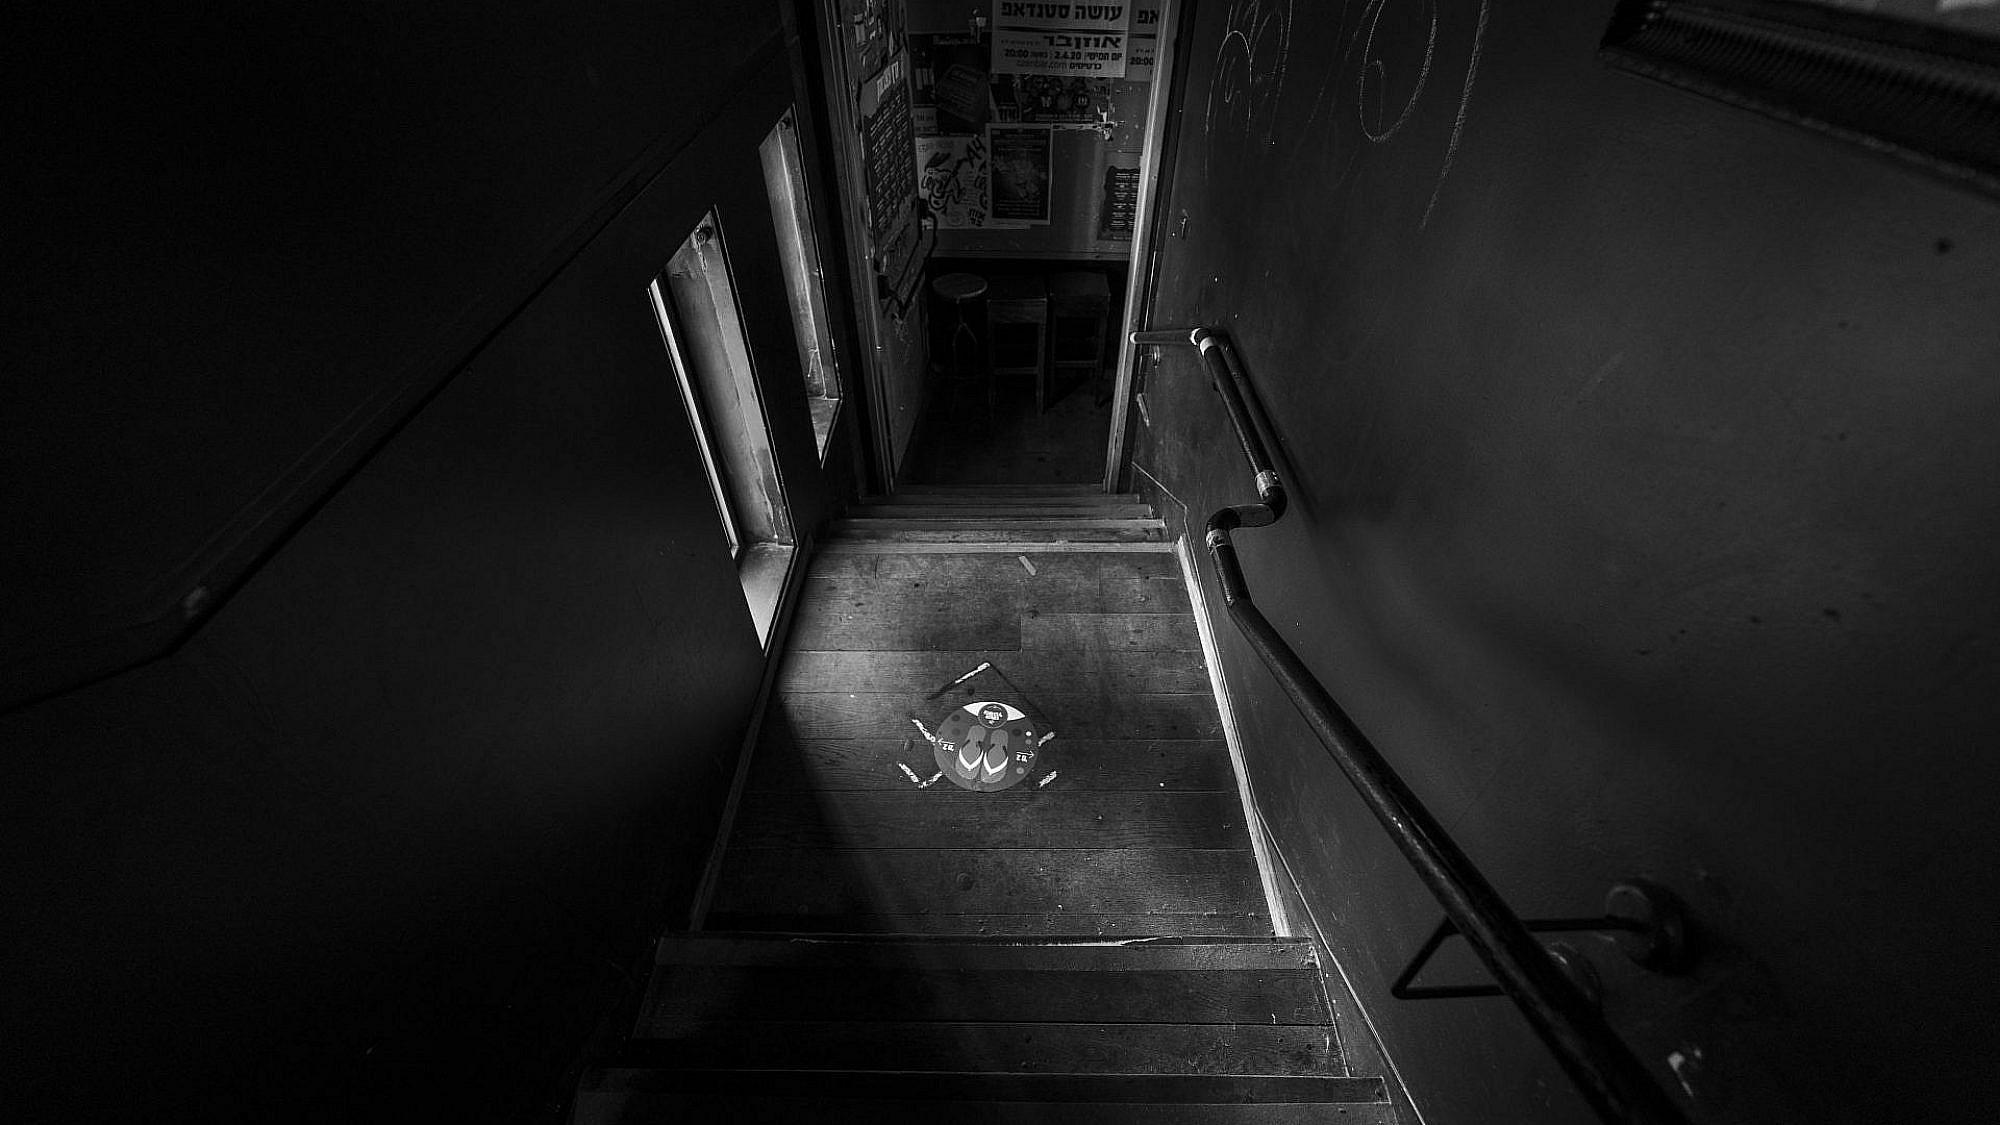 אולם ומלואו. האוזןבר בקורונה (צילום: איליה מלניקוב)